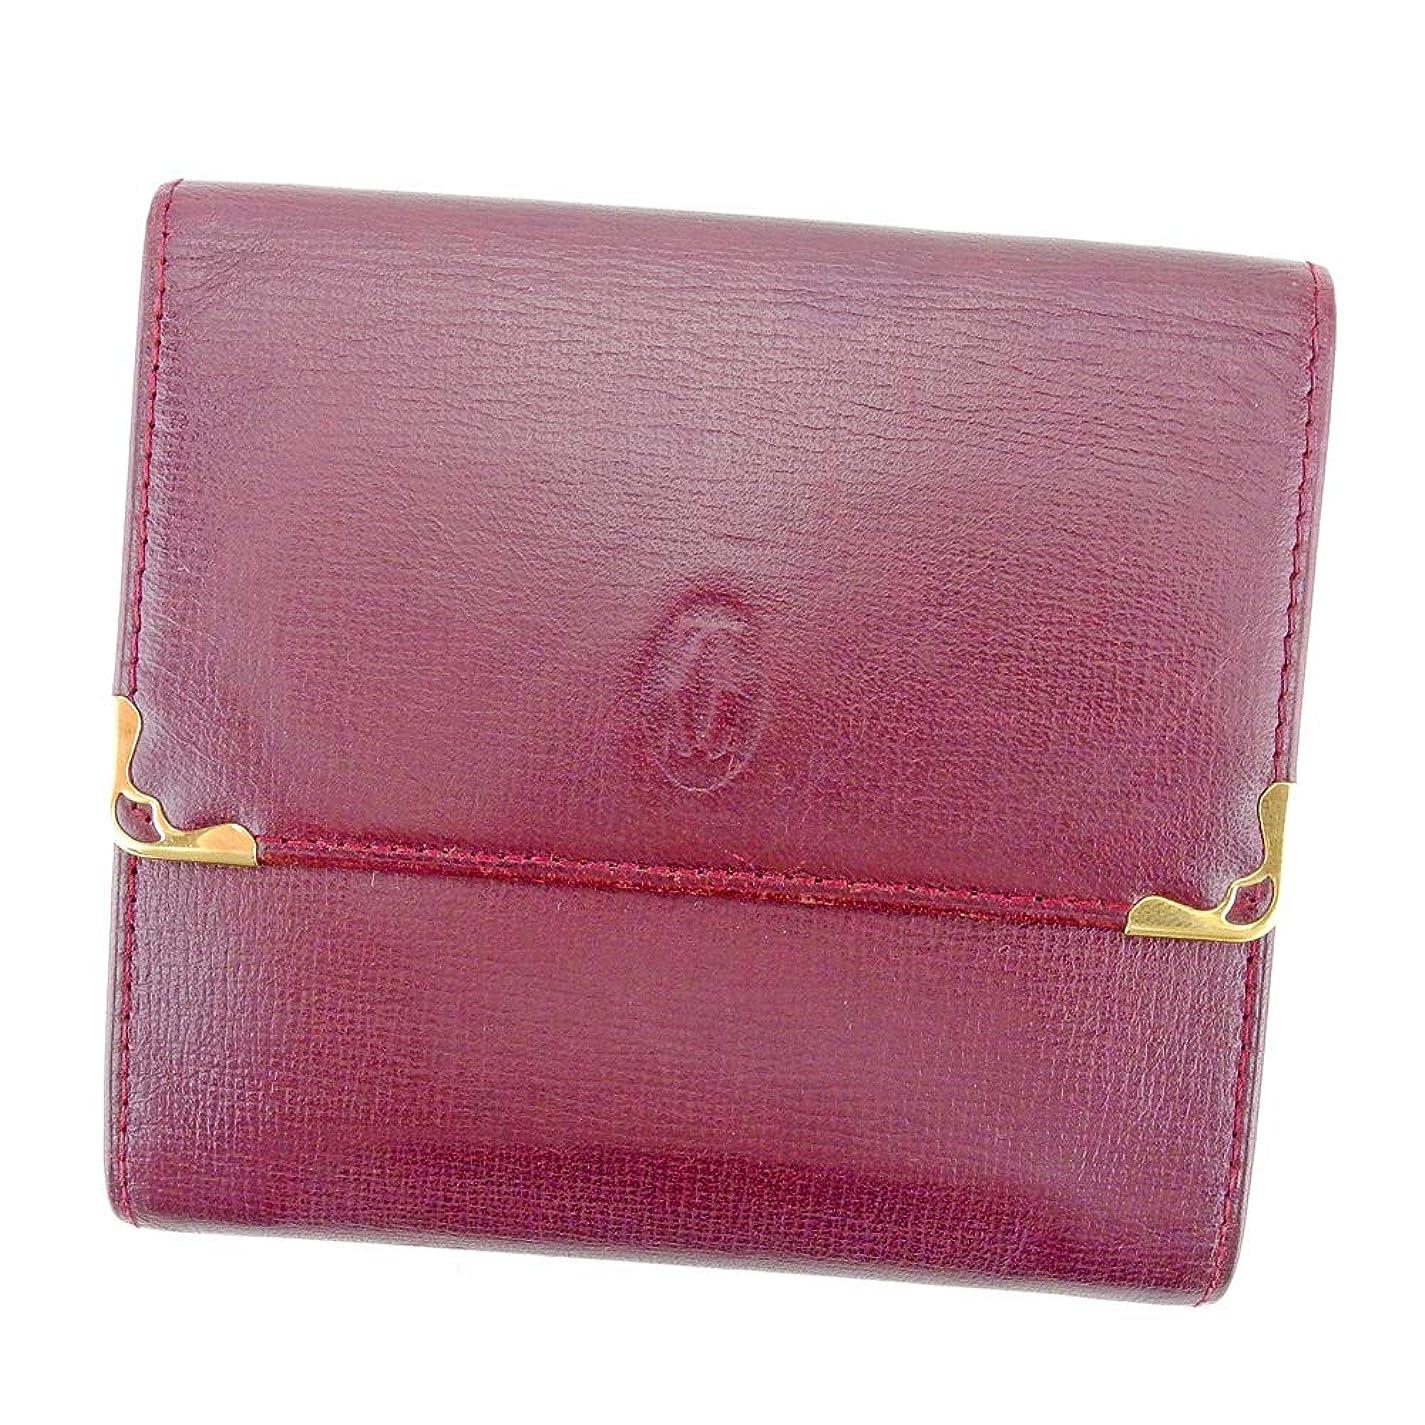 条件付き強大な続編カルティエ Cartier Wホック 財布 二つ折り 財布 レディース メンズ マストライン L2749